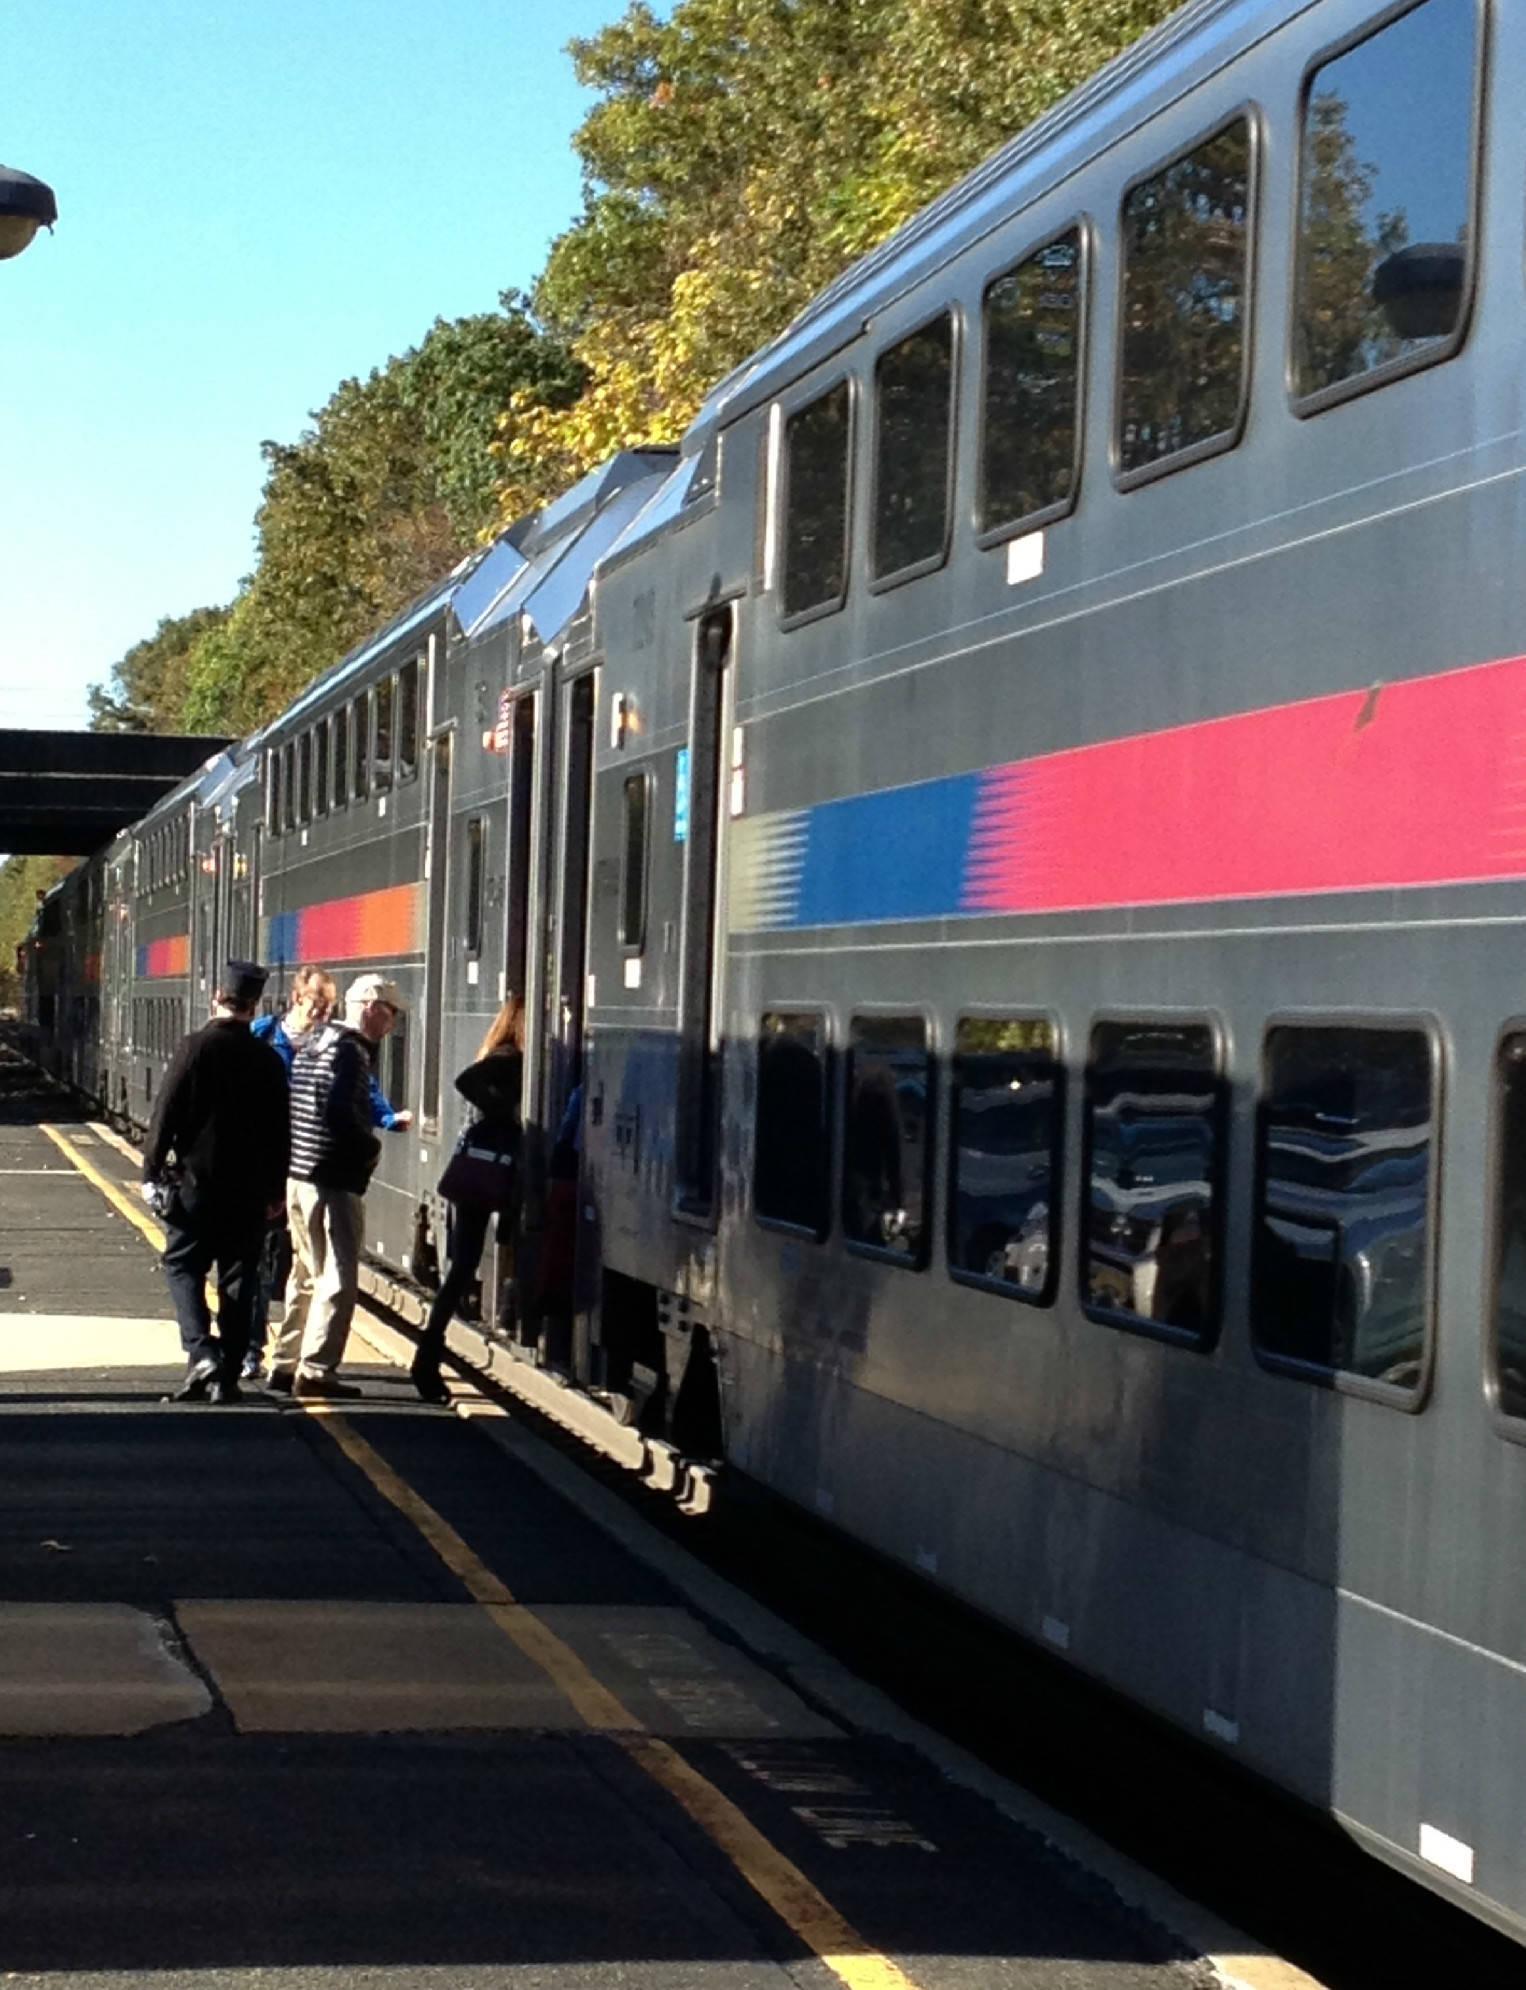 812693d6aace7bc9a09a_12635a11a22886fec0d1_1016am_Direct_Train_from_Fanwood_to_NYC_10-27-14.jpg